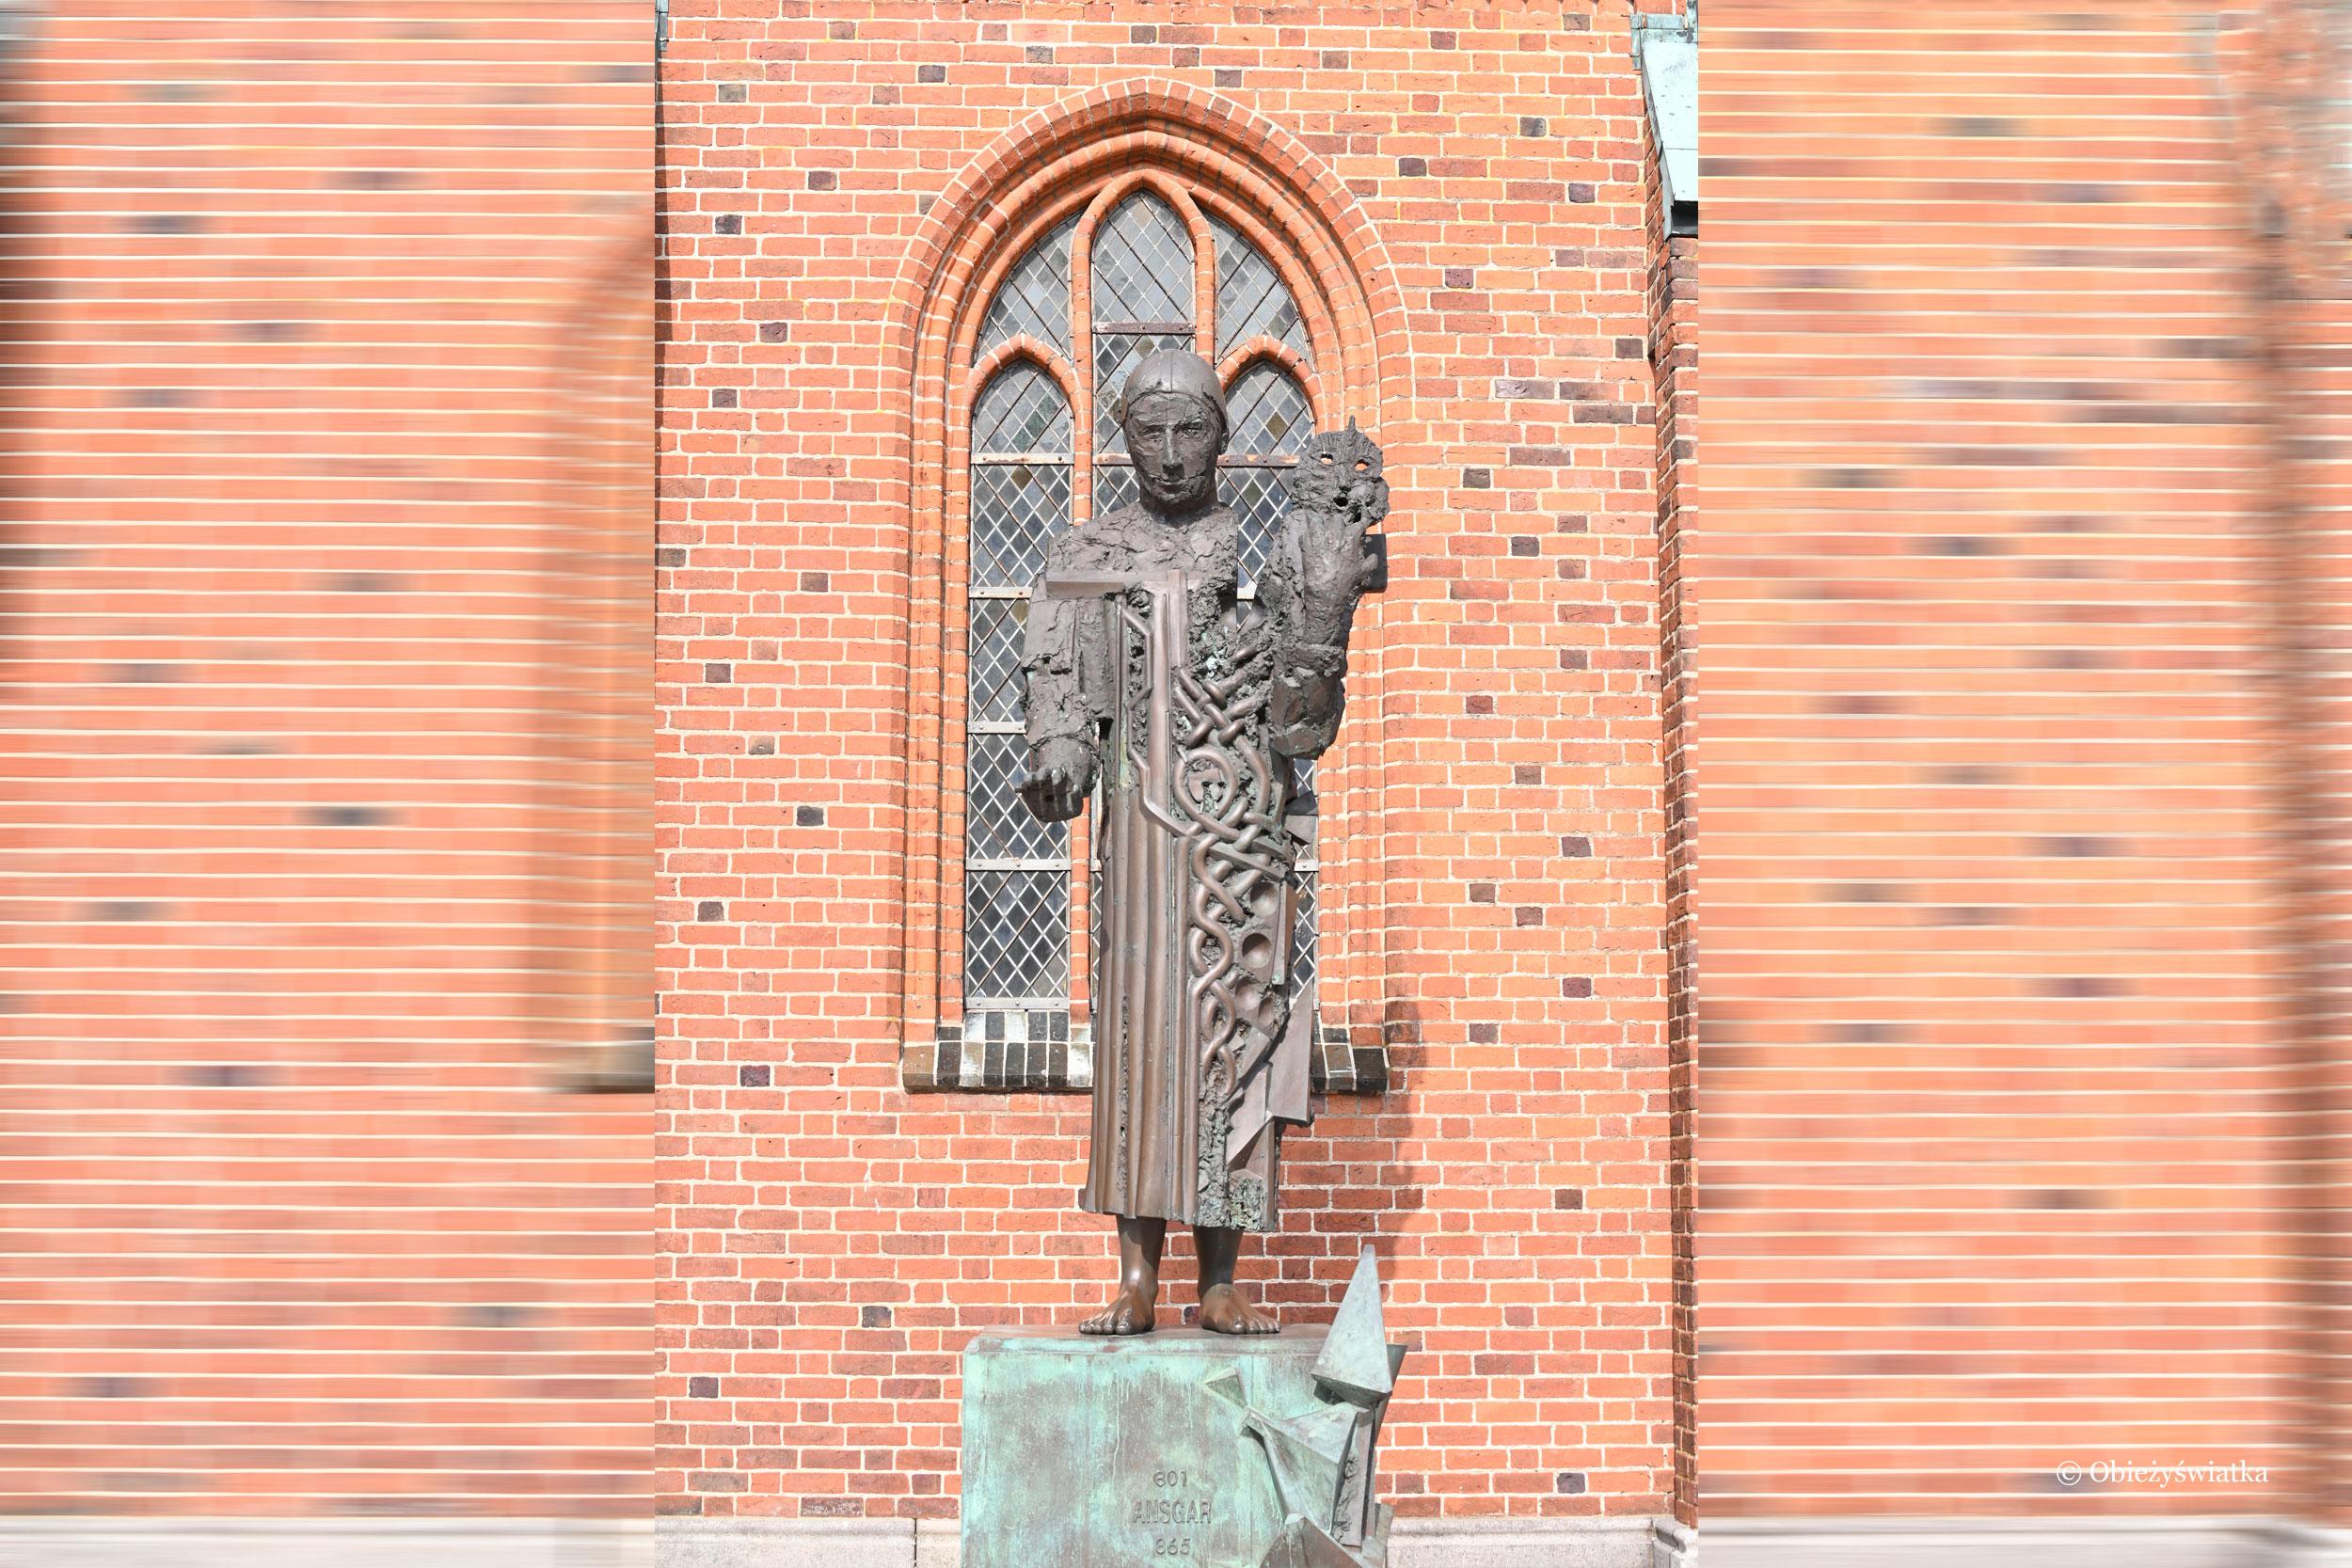 Pomnik św. Oskara - Ansgara, dzięki któremu powstała tutaj katedra - Ribe, Dania